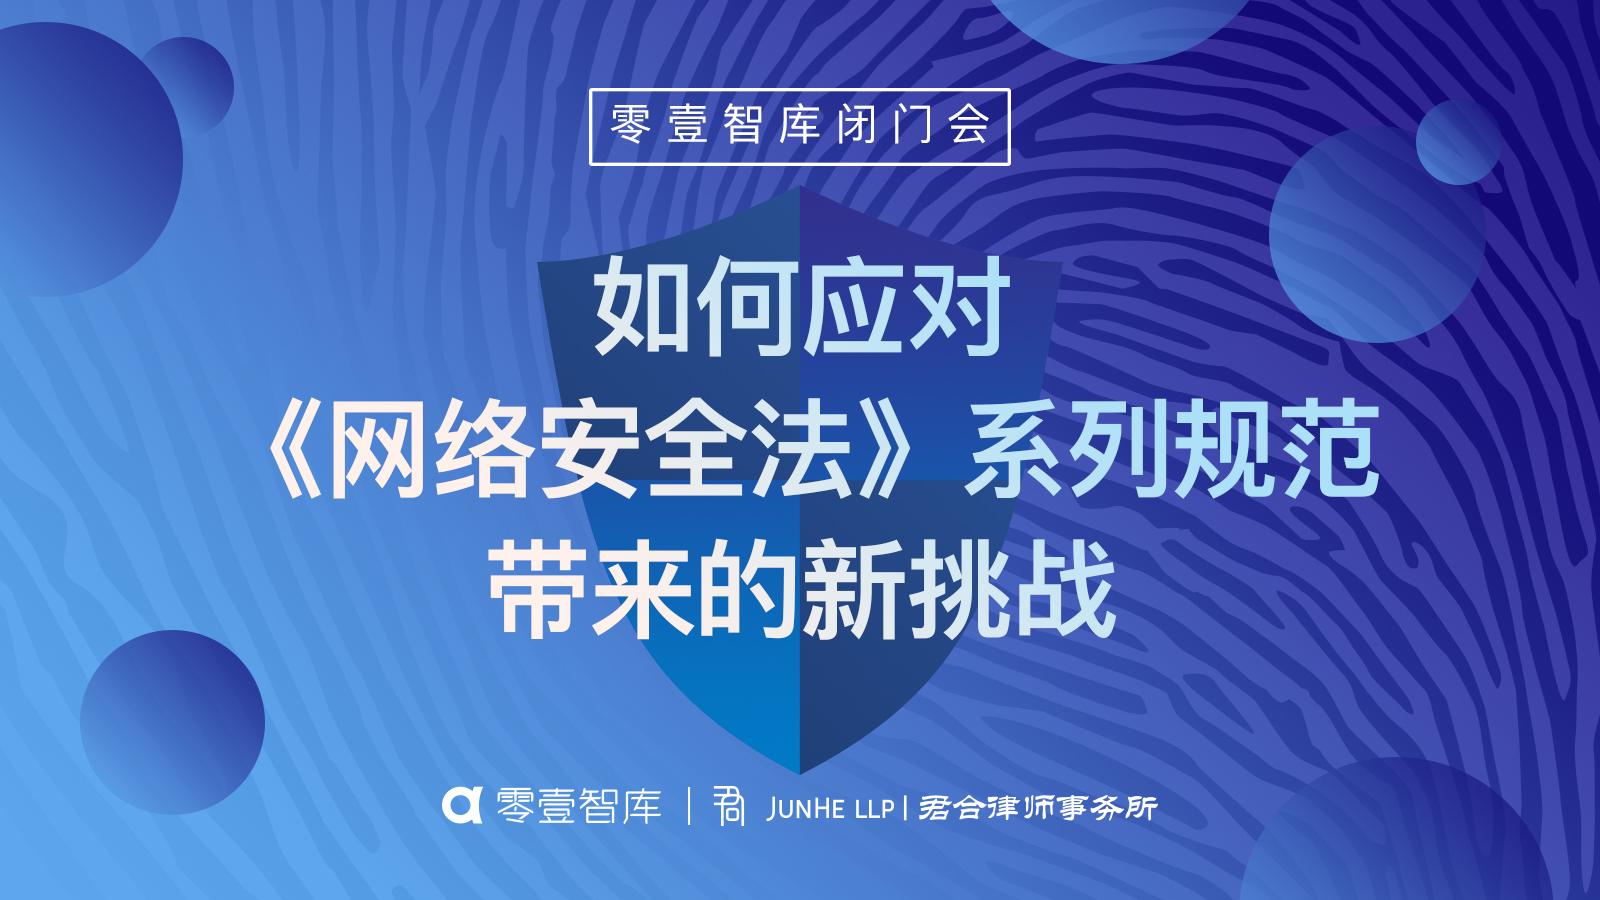 """零壹智库闭门会·第11期""""如何应对《网络安全法》系列规范带来的新挑战"""""""